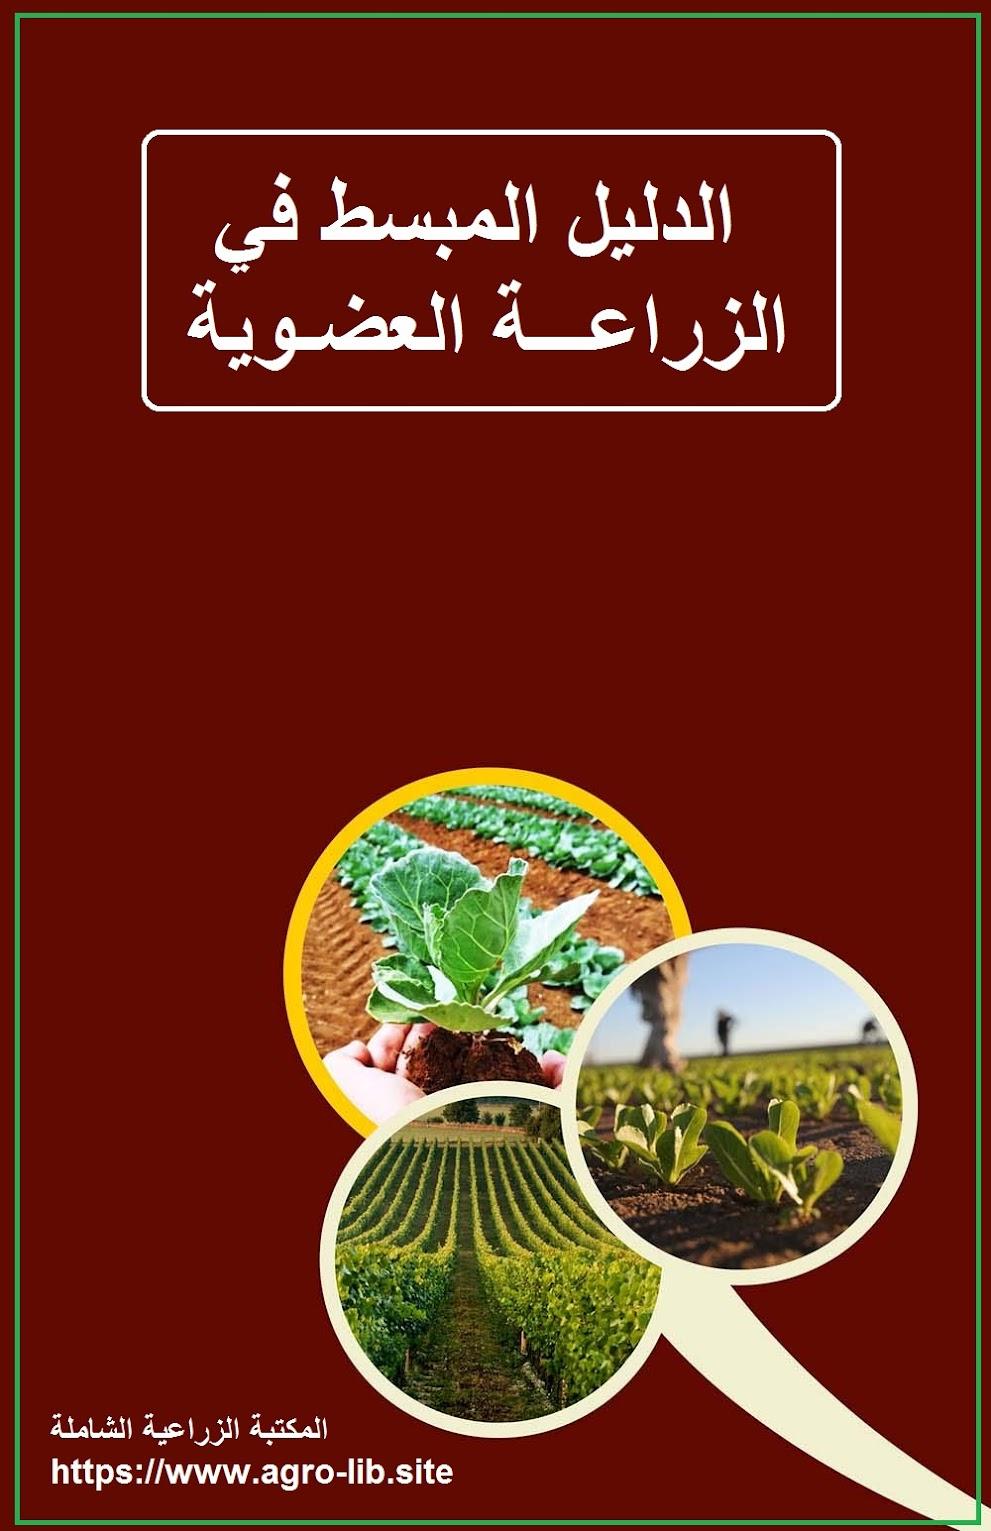 كتاب : الدليل المبسط في الزراعة العضوية